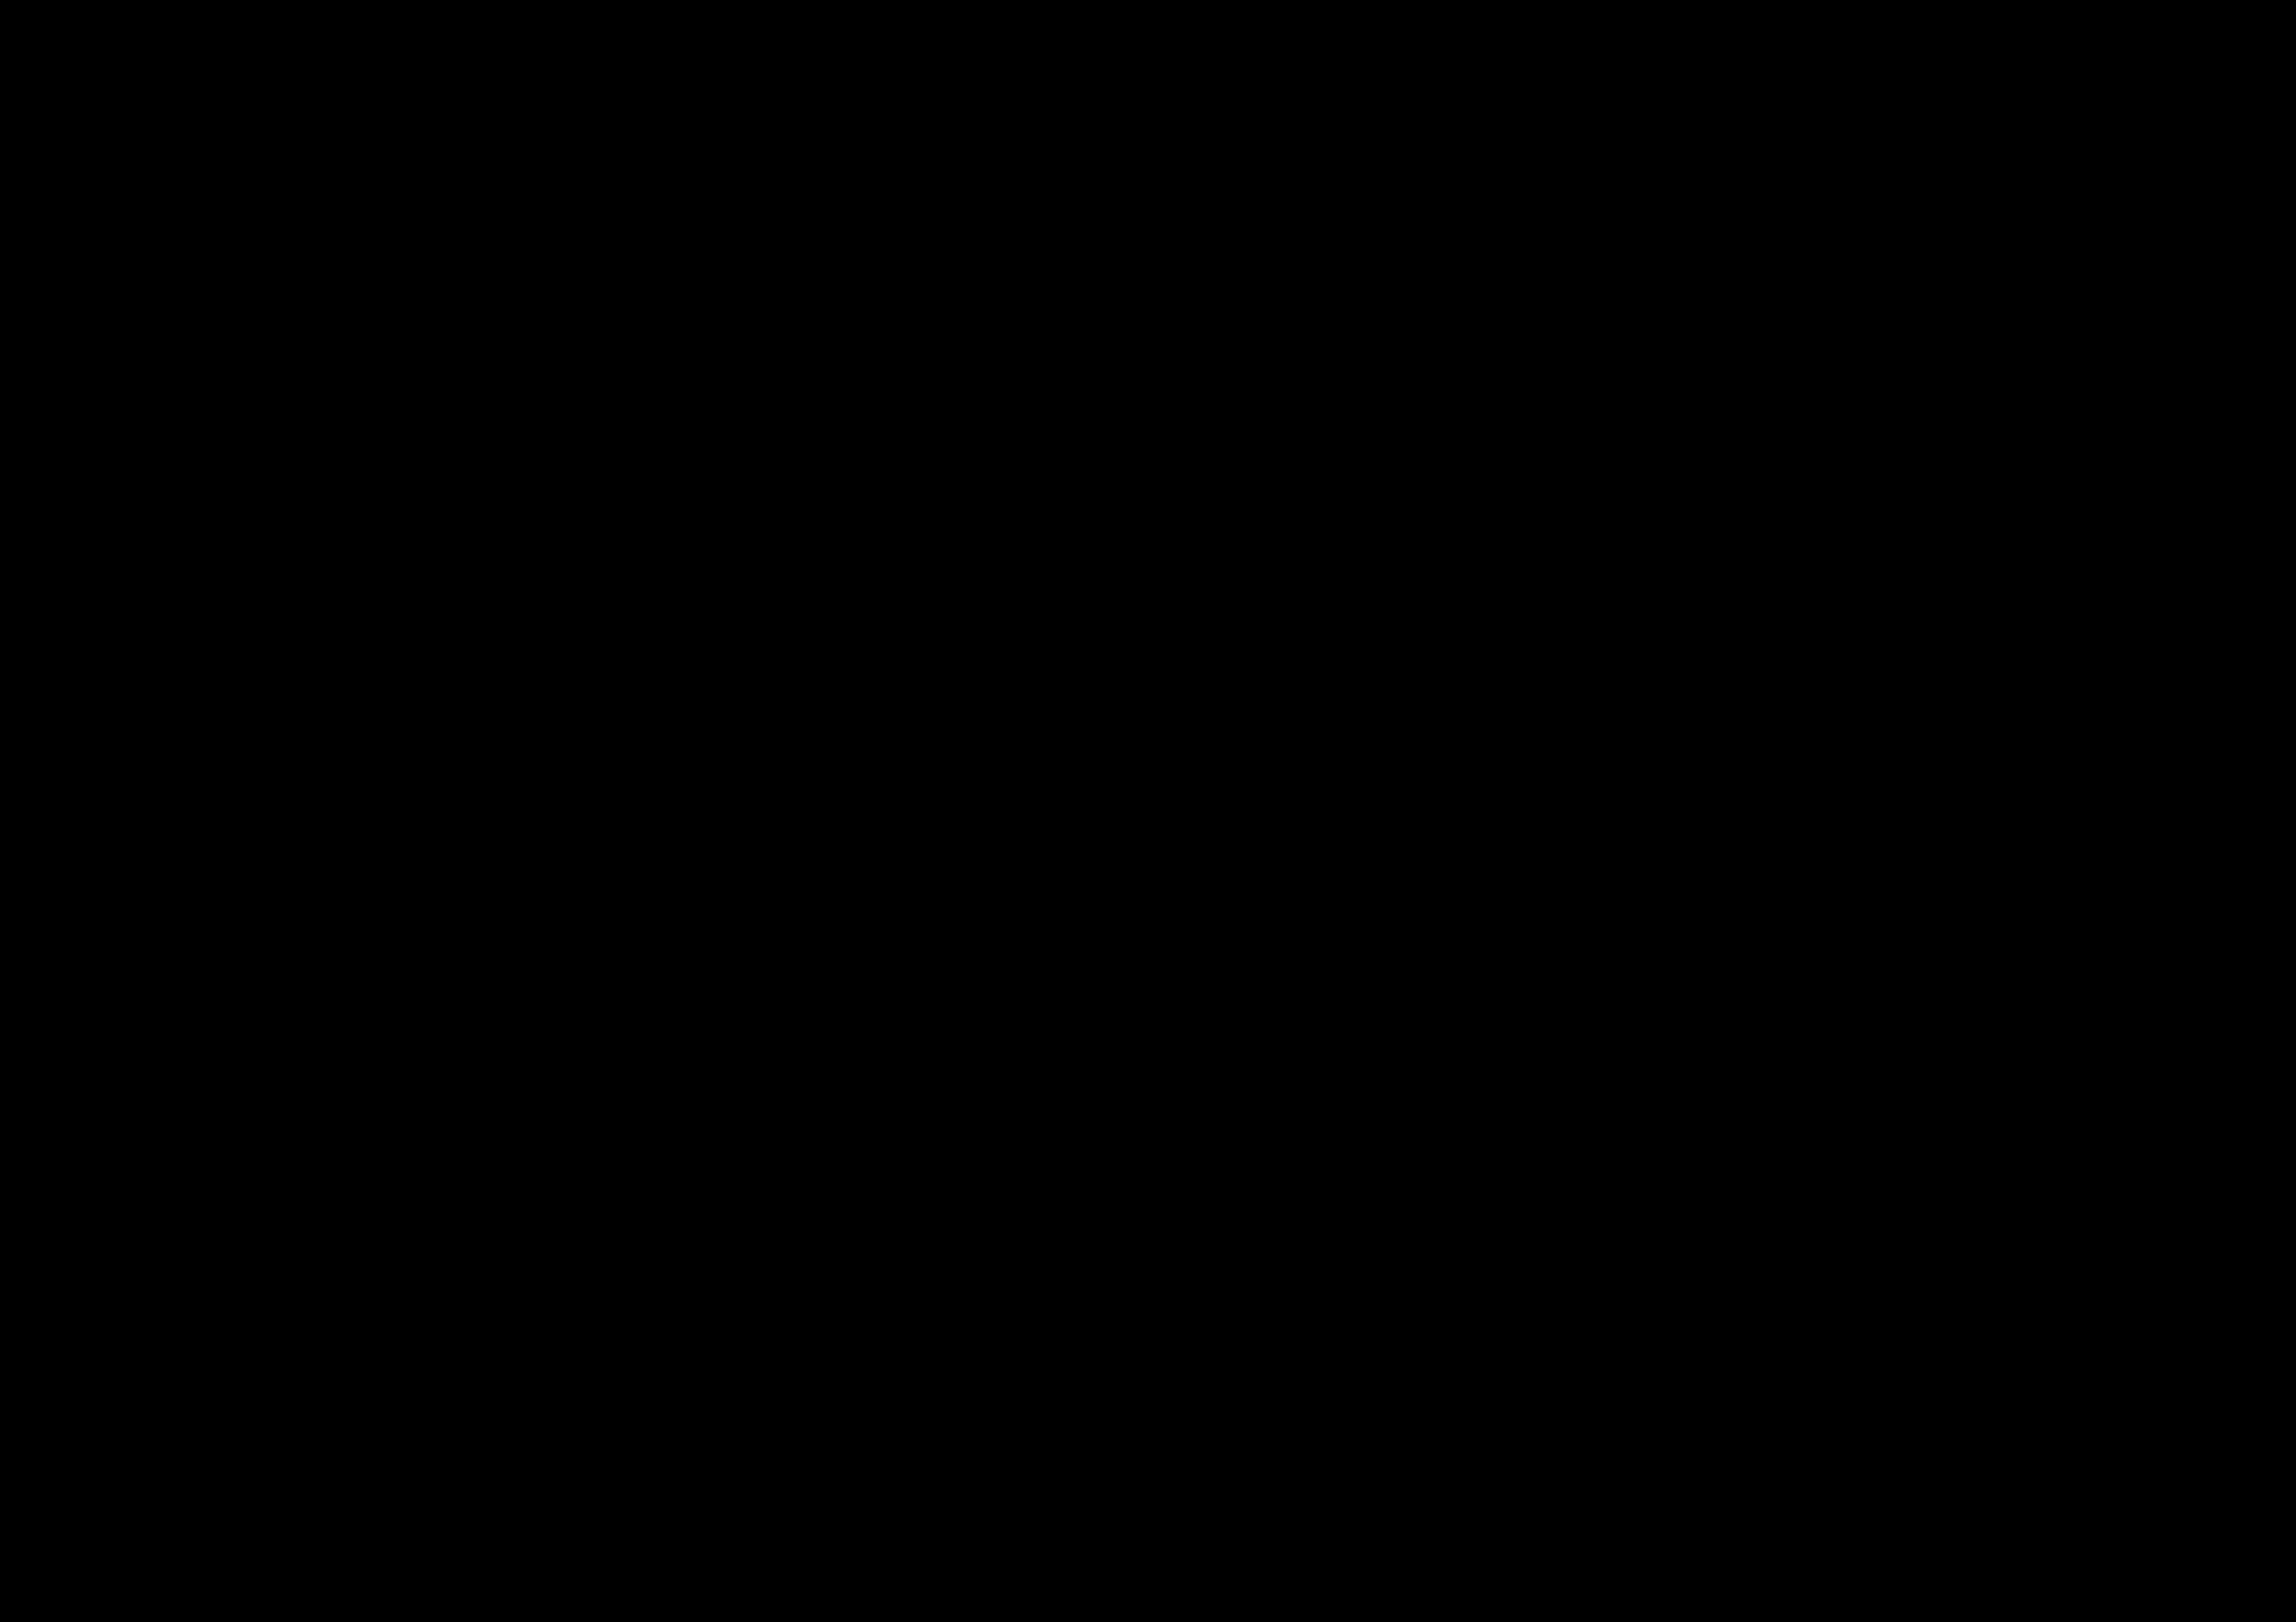 File:Poster WikiLatih.jpg